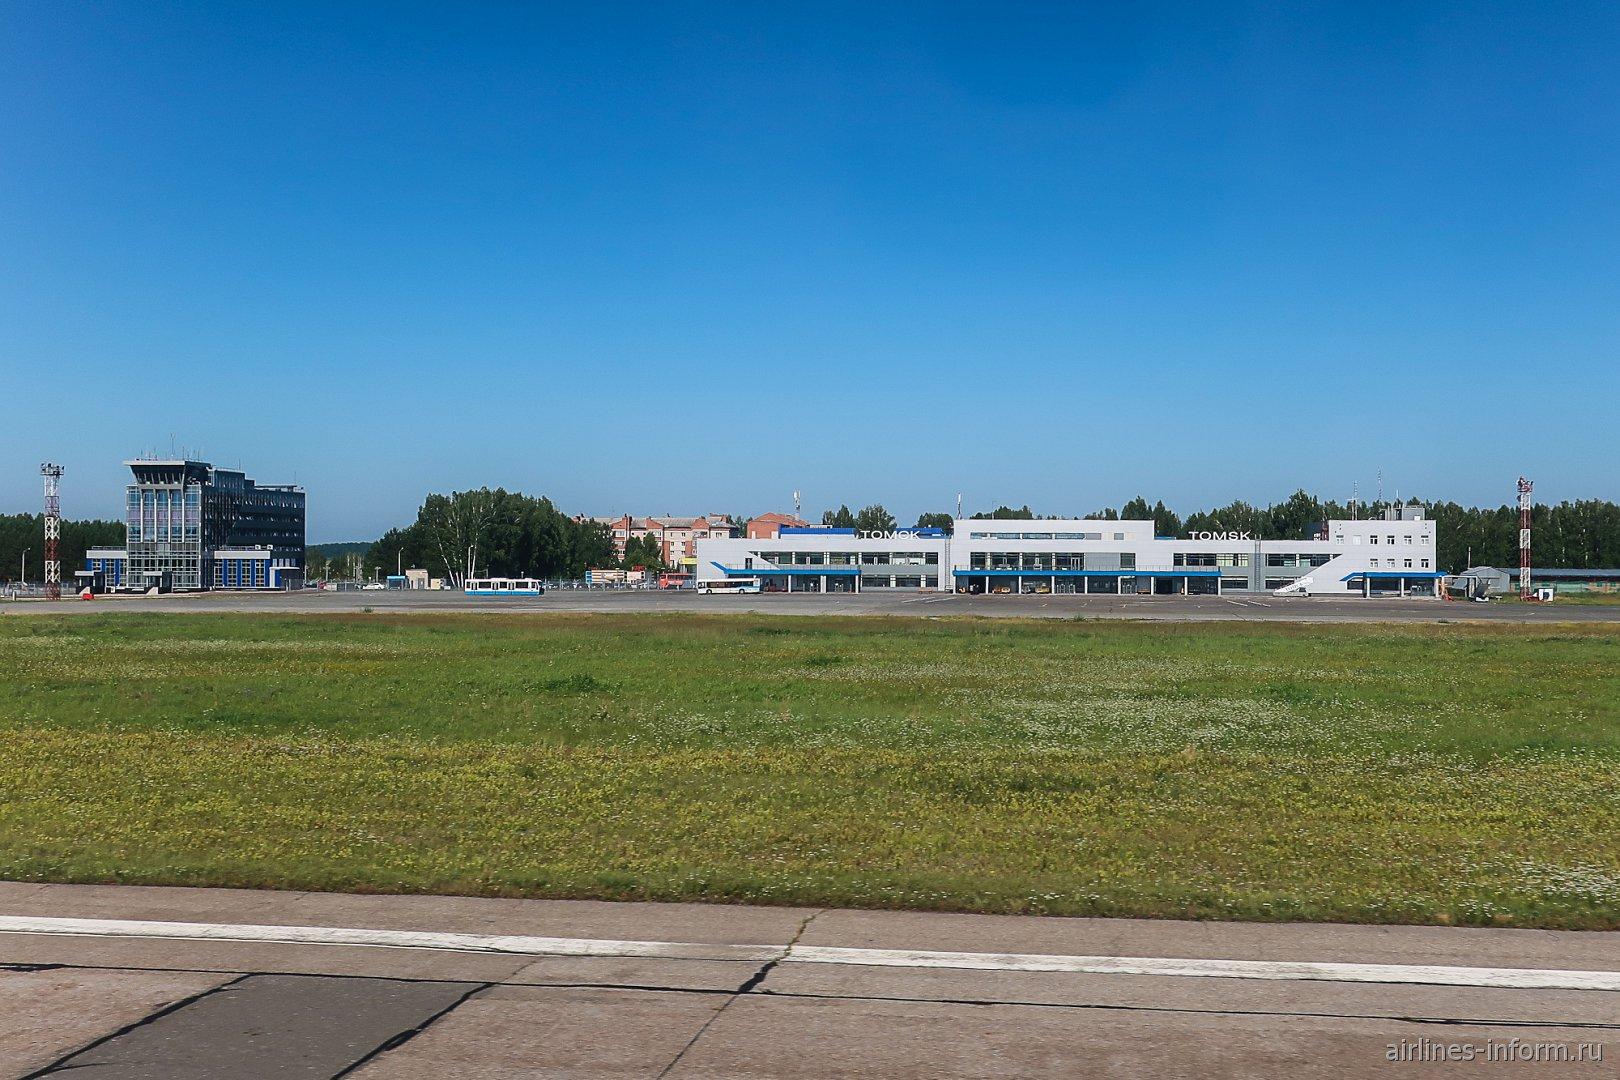 Вид на аэропорт Томск со взлетно-посадочной полосы